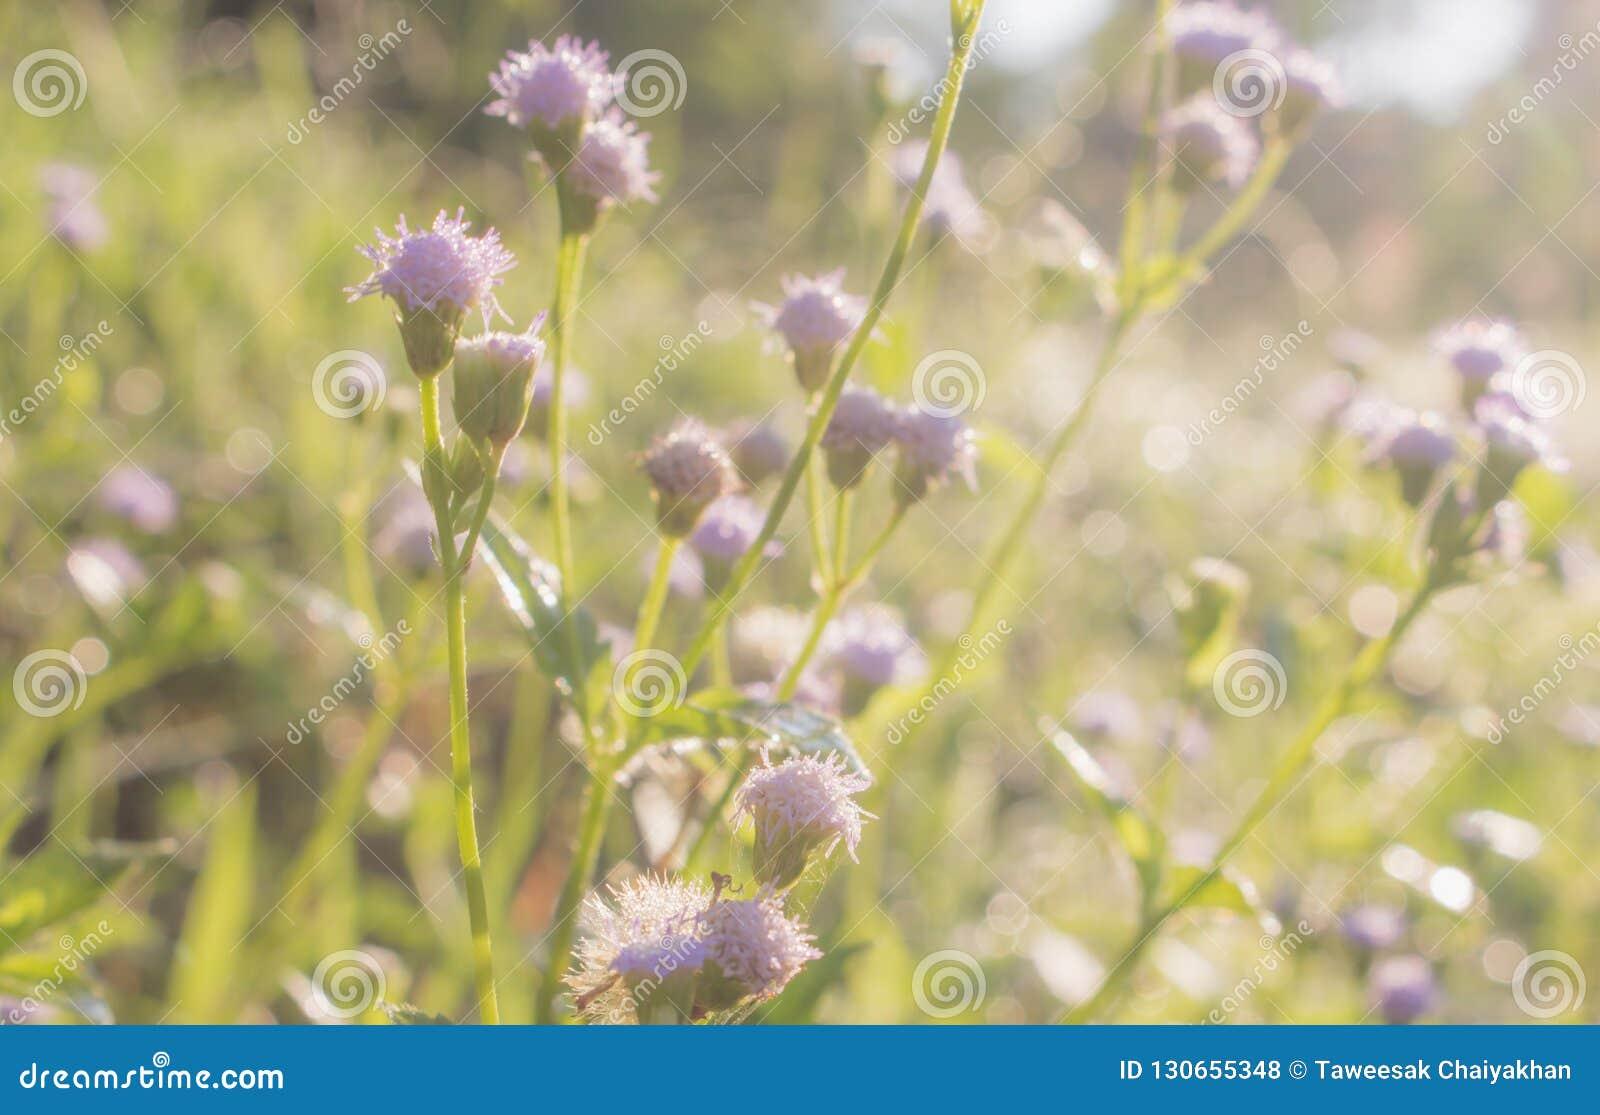 紫色草花特写镜头在草甸,自然背景